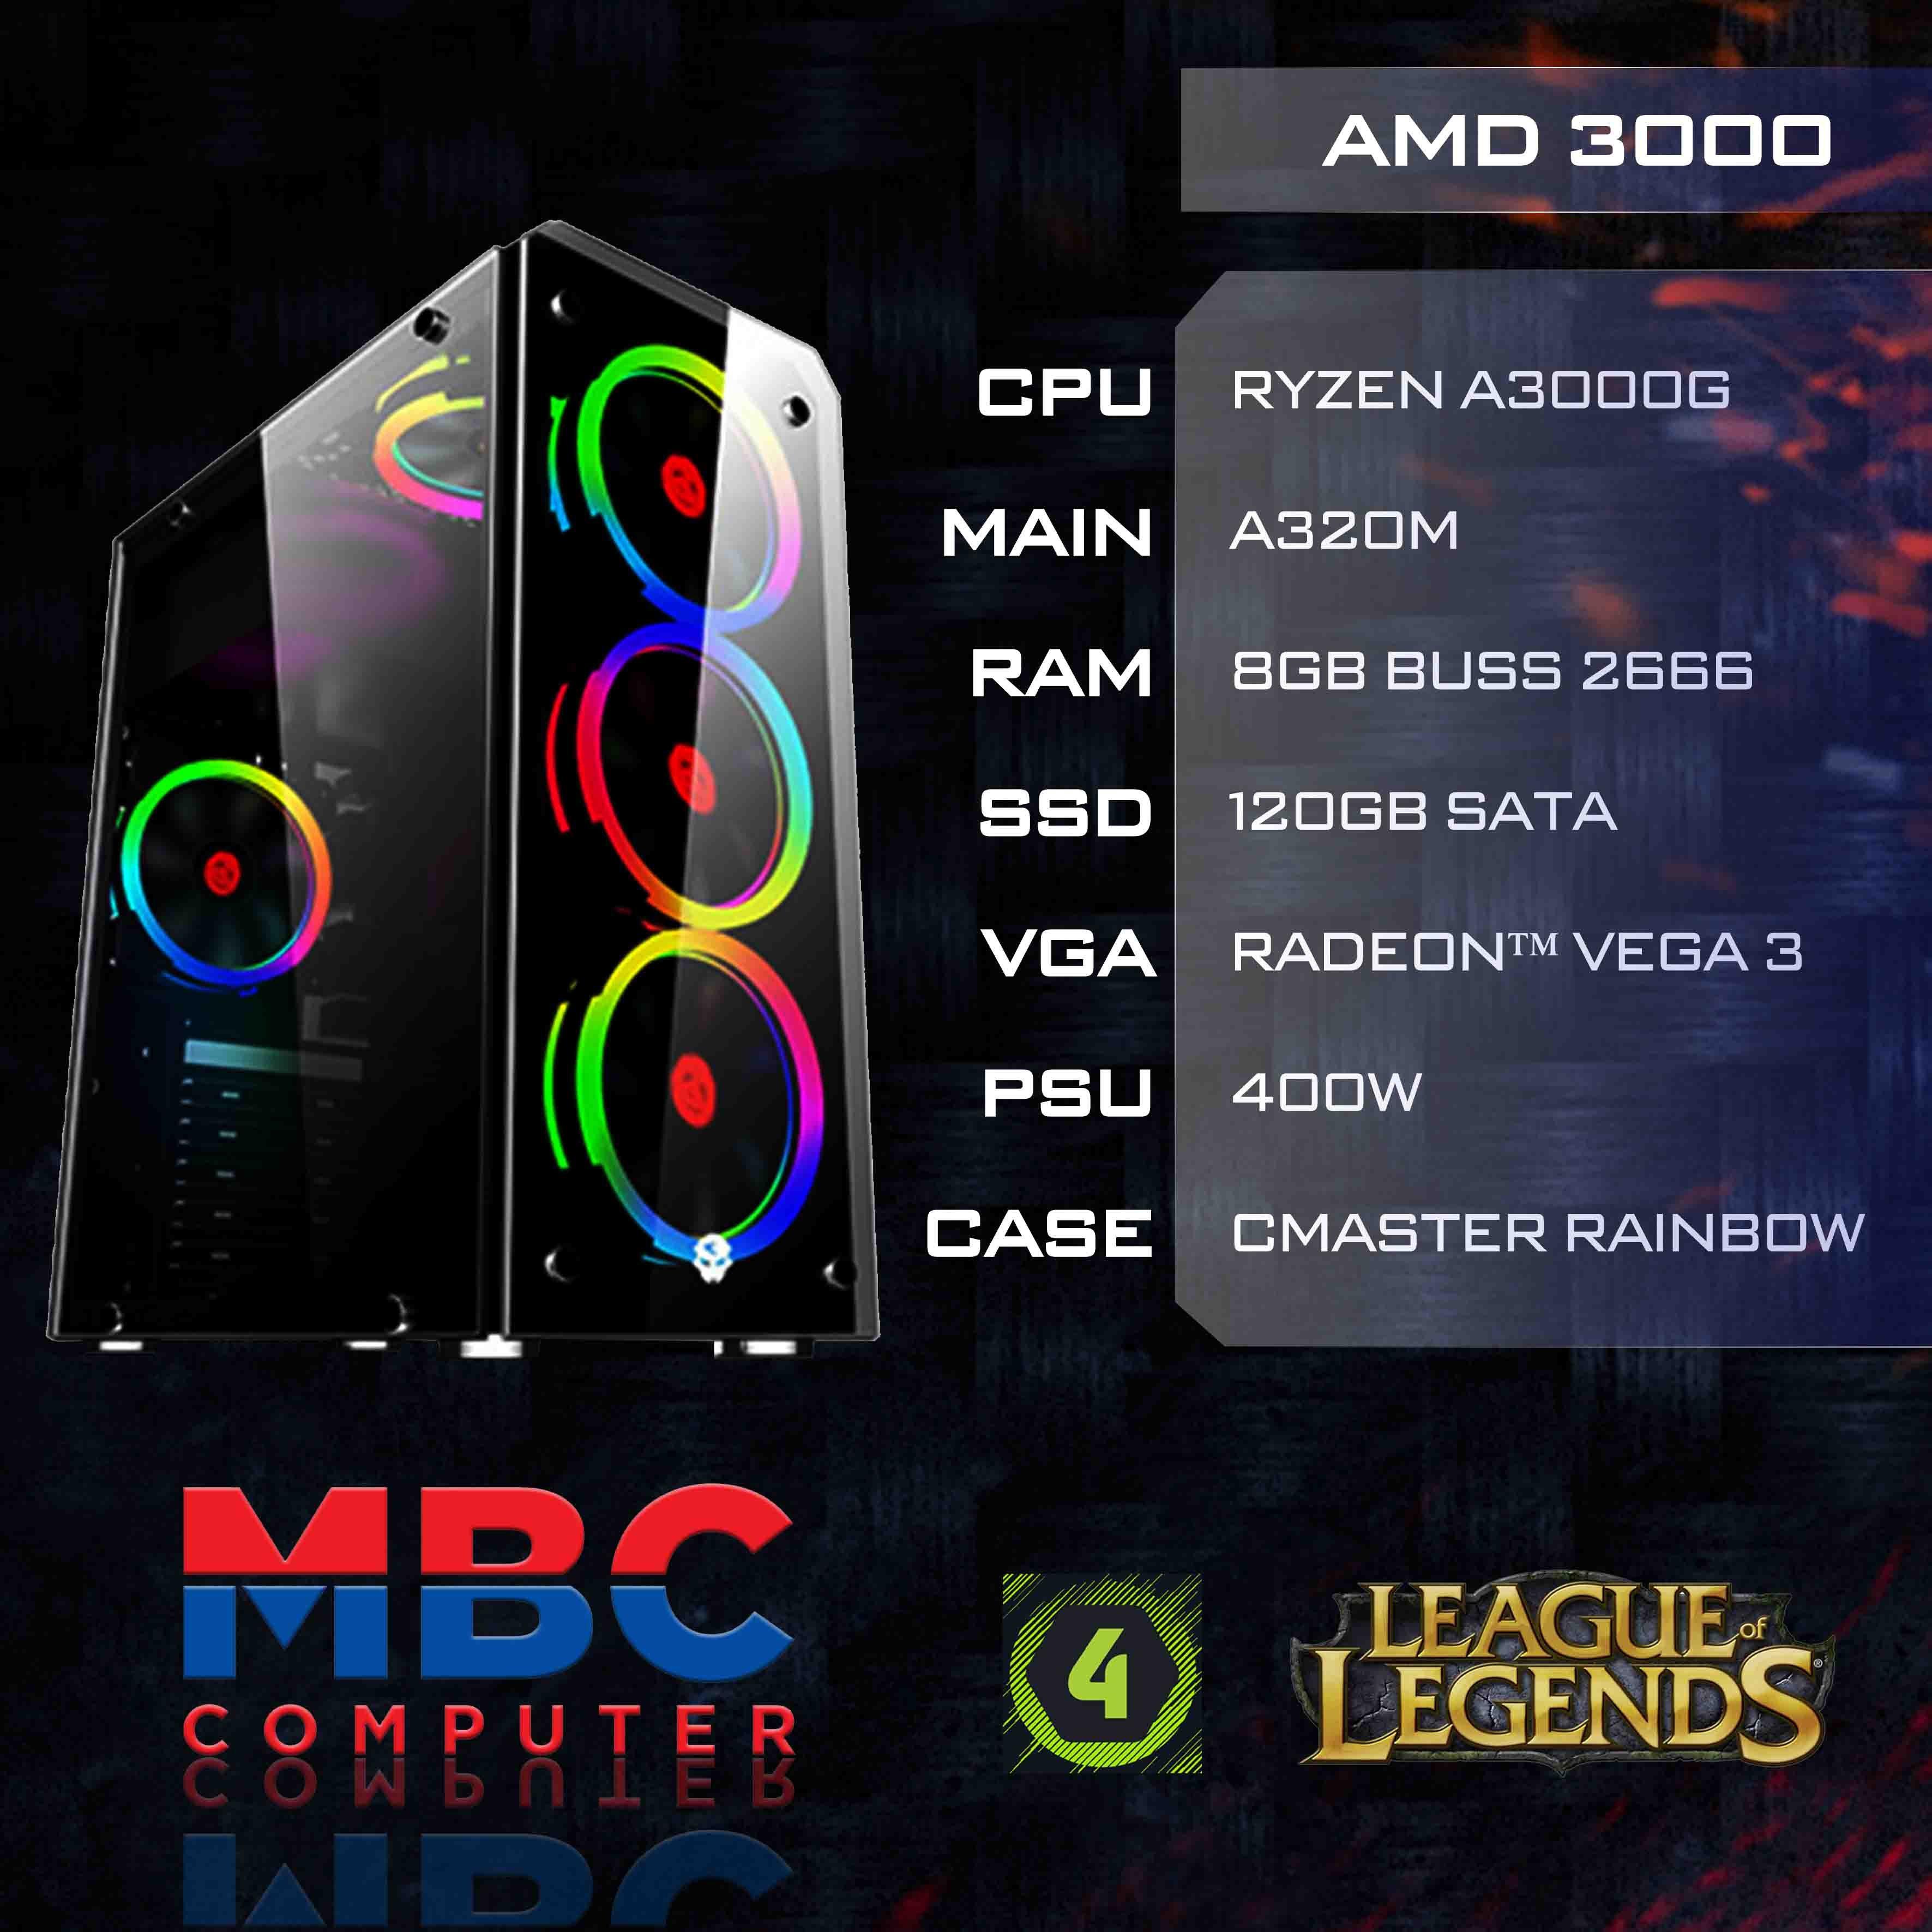 Bộ PC AMD Ryzen 3000G/A320/8GB RAM/SSD 120G